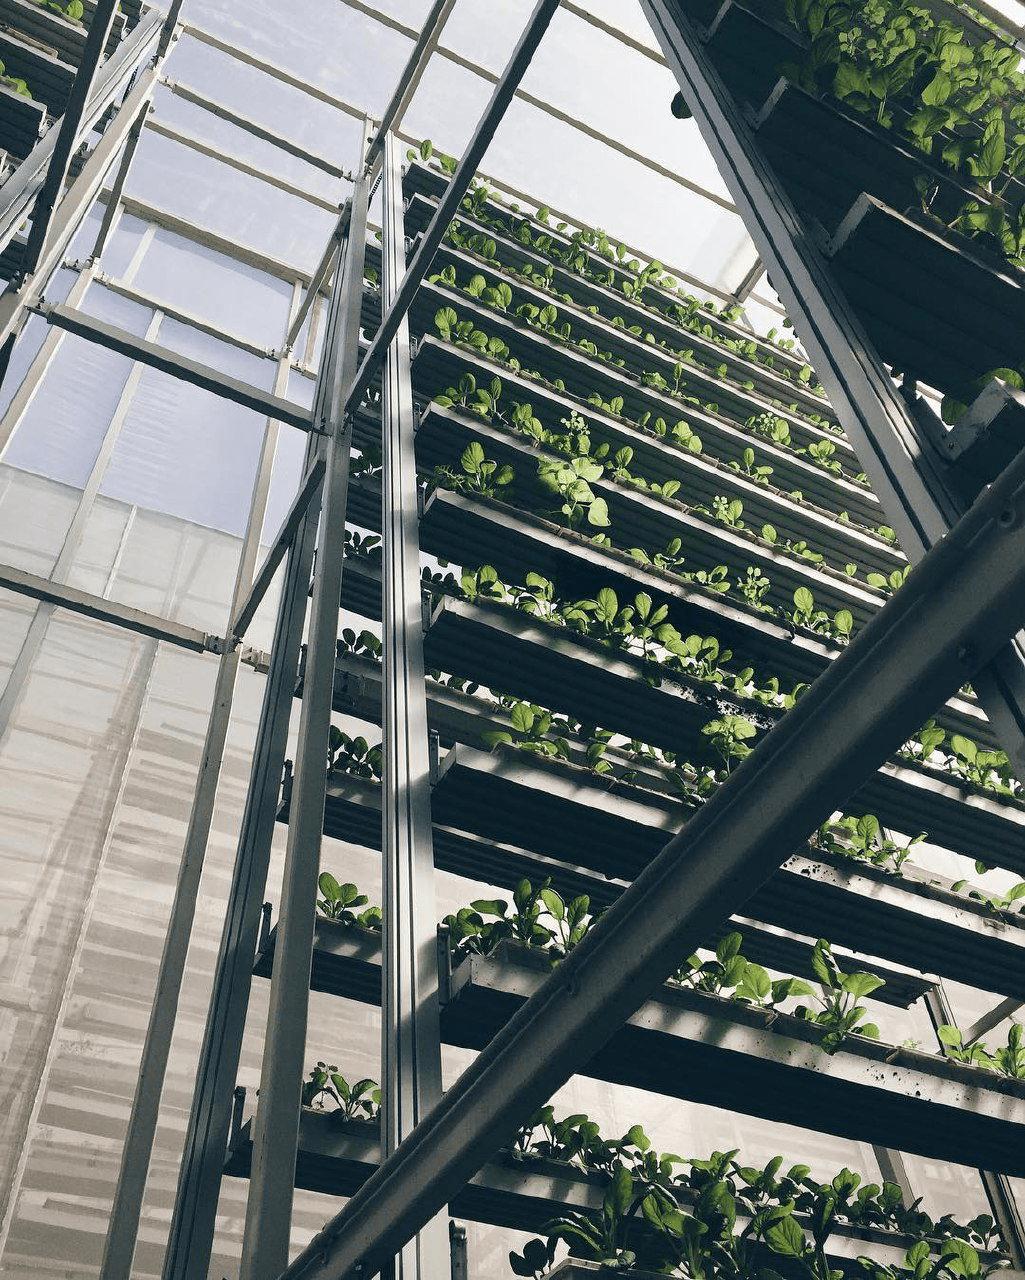 future predictions - Urban farming in Singapore